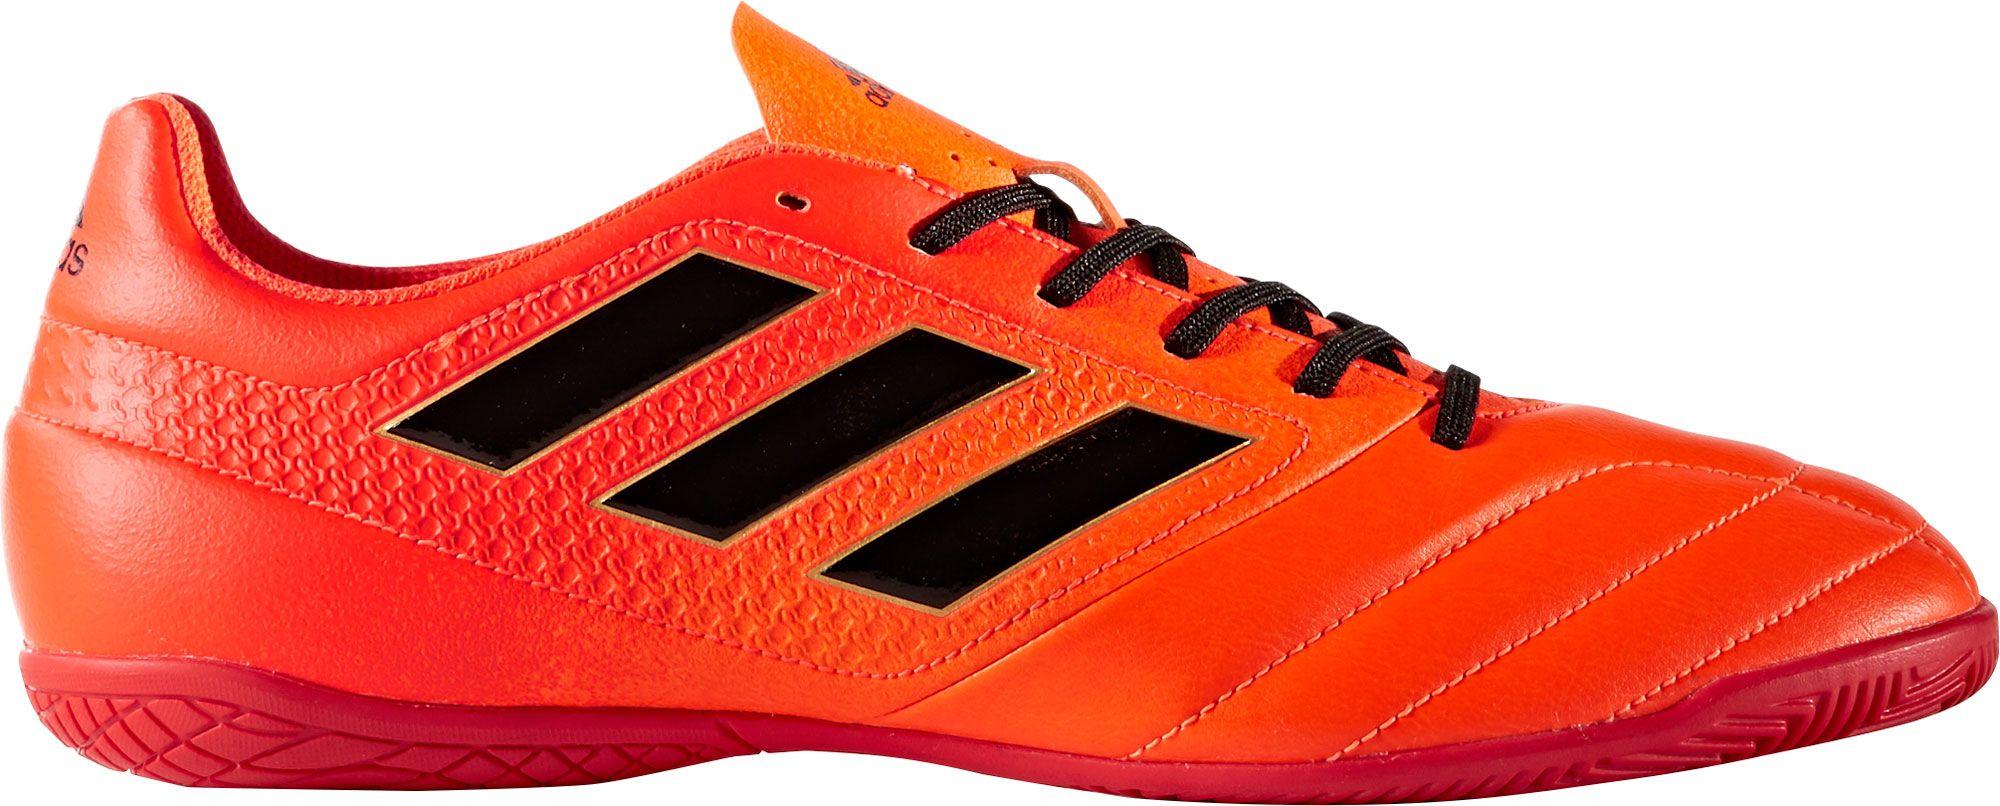 Adidas uomini scarpe sportive indoor ace dick